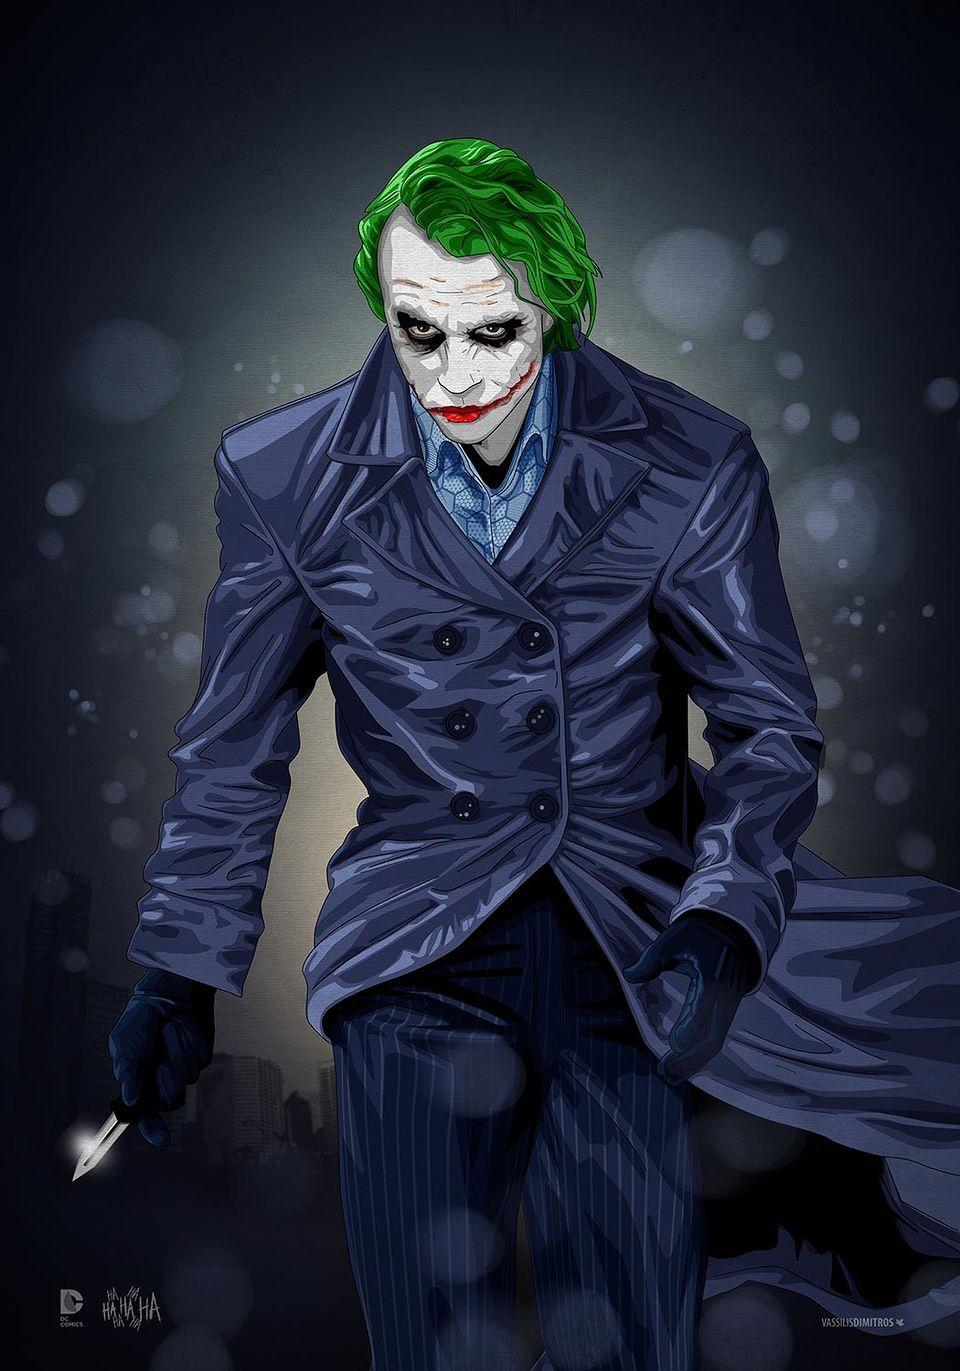 Joker Movie Art 4k Fondos De Pantalla Hdqwalls Com In 2021 Joker Hd Wallpaper Joker Artwork Joker Wallpapers